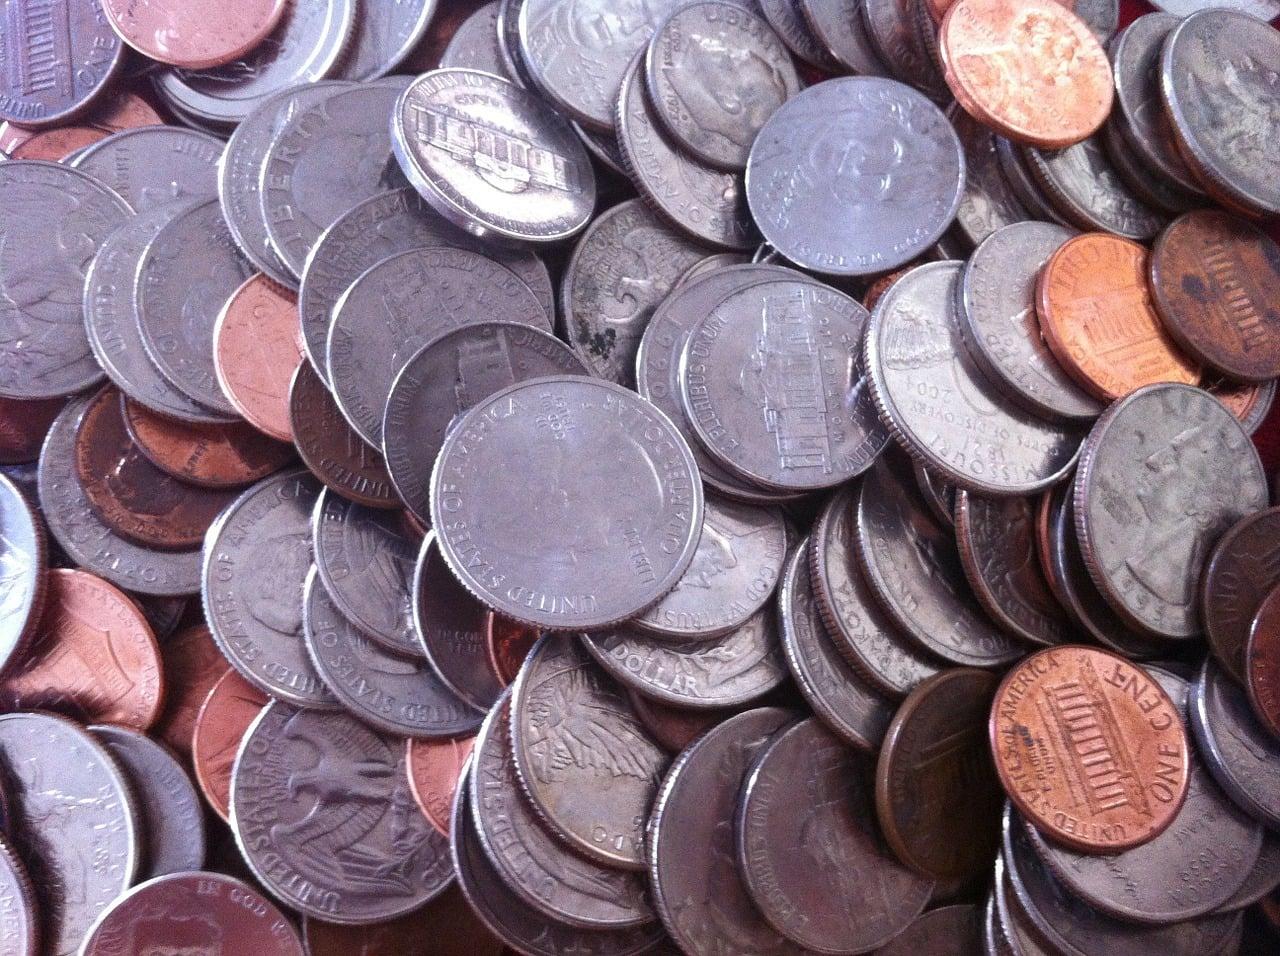 coins-116465_1280.jpg